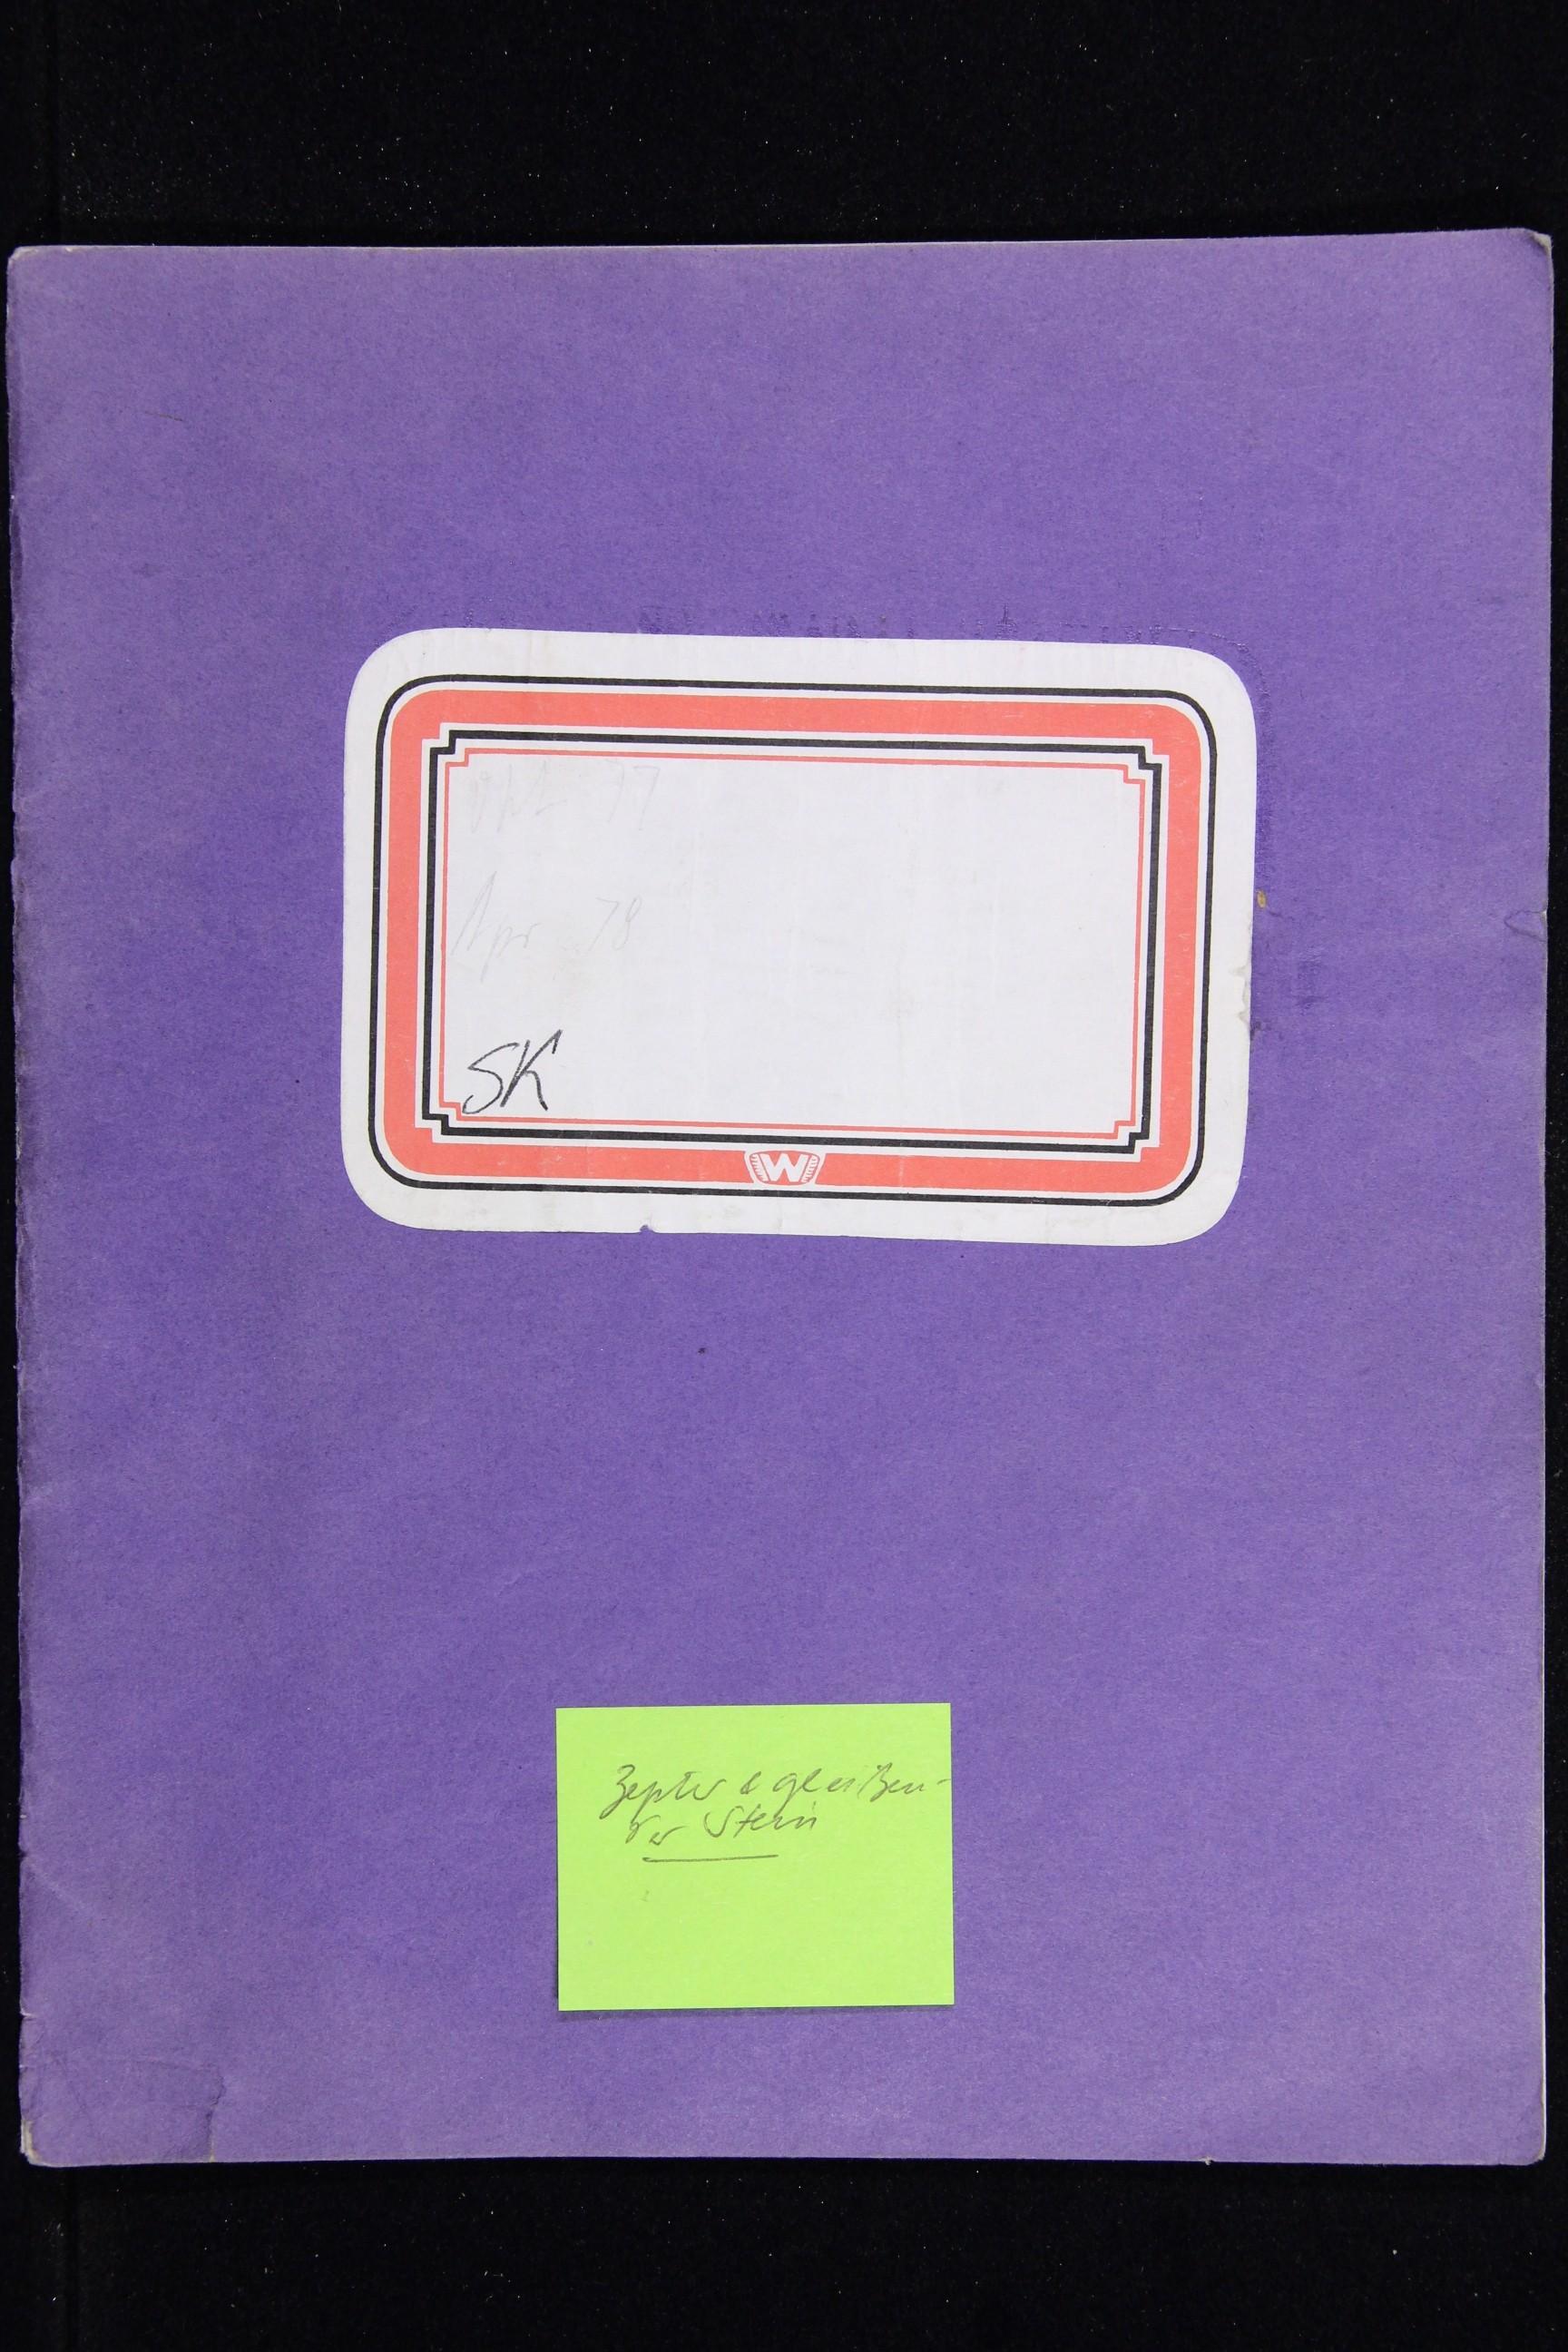 Notizbuch Hartmut Skerbisch (Inventarnr. 8) von Hartmut Skerbisch